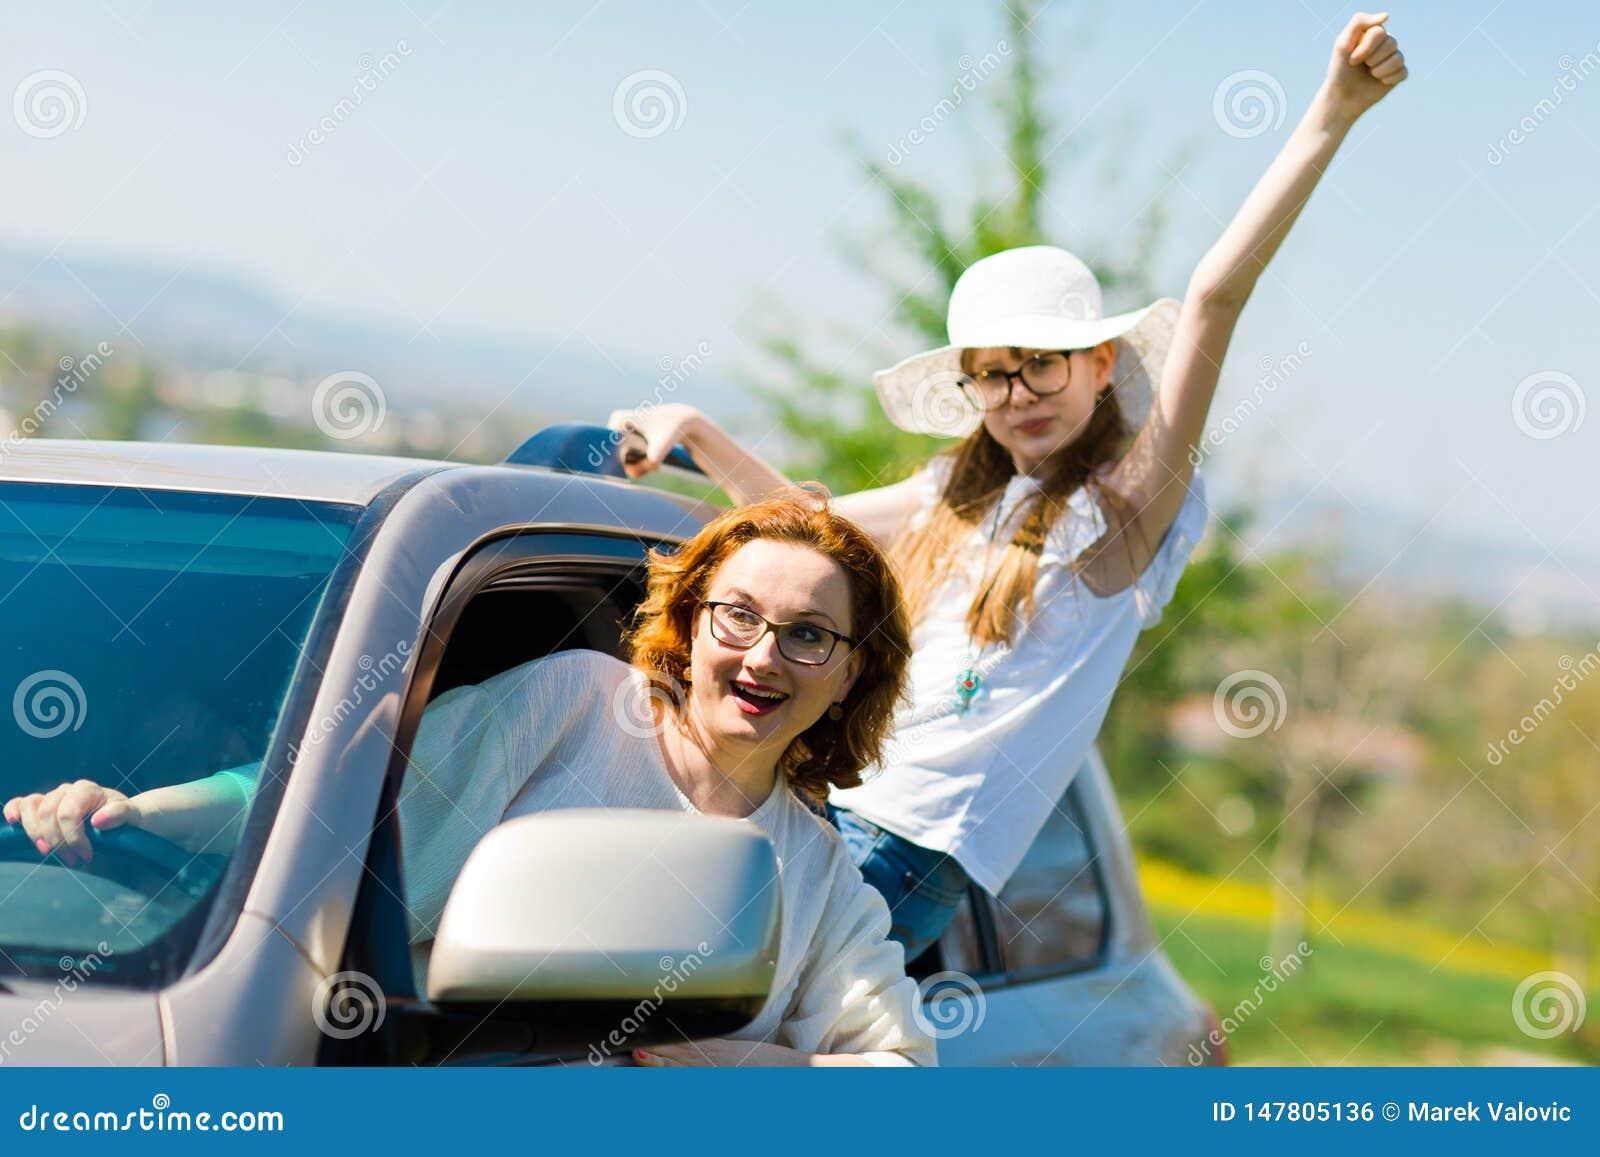 Upprorsmakare bak hjulet - kvinnliga huligan i bilen